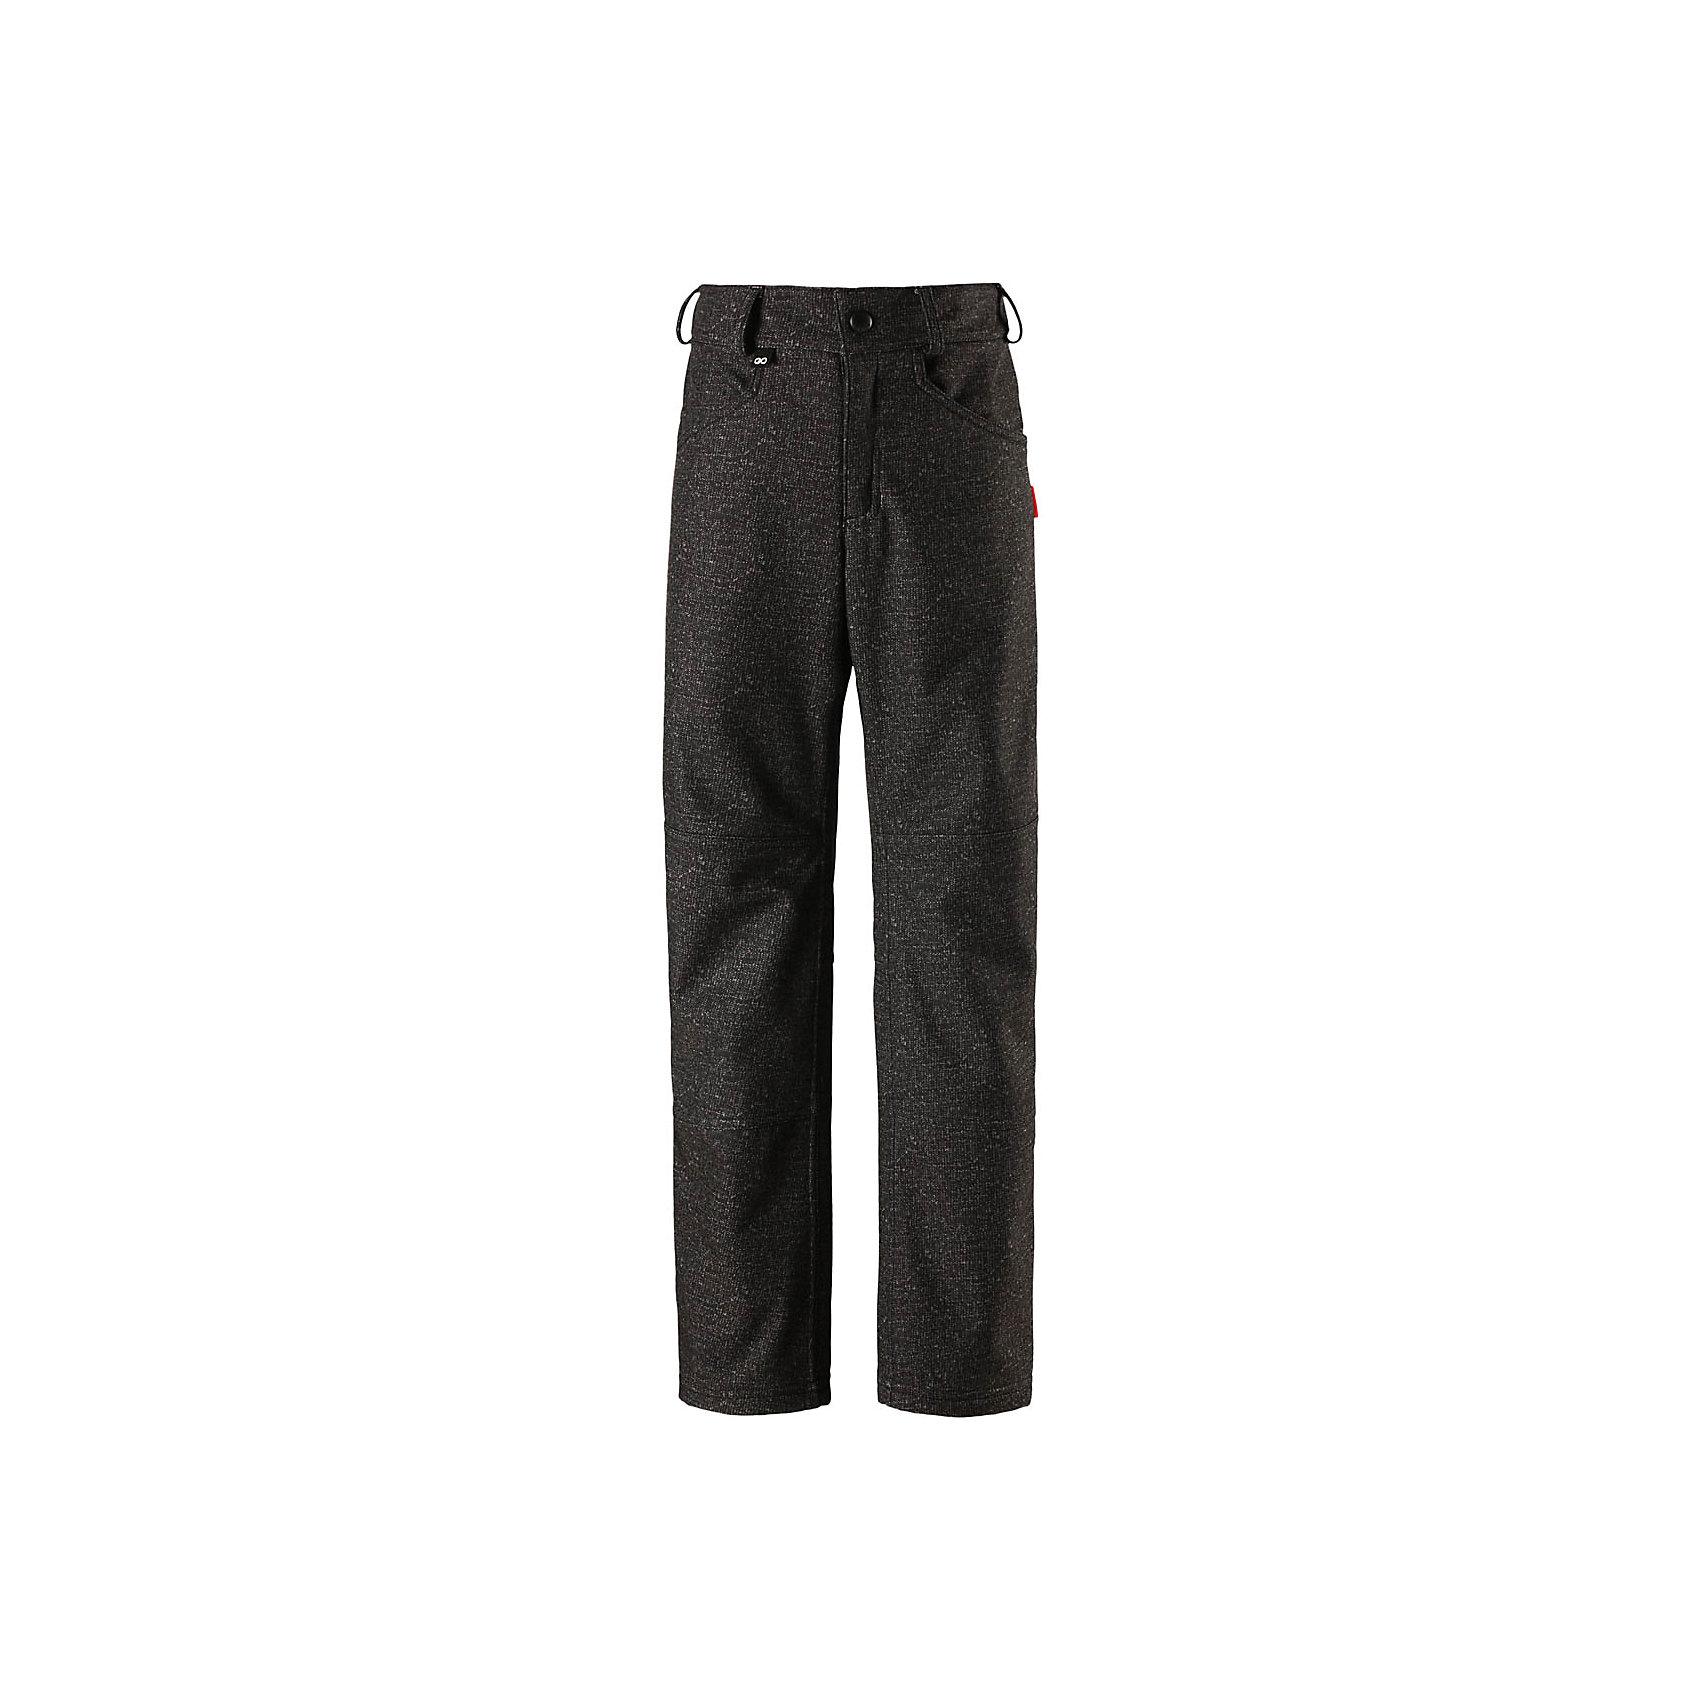 Брюки Mighty ReimaФлис и термобелье<br>Дышащие и эластичные брюки softshell в джинсовом стиле для детей и подростков. Они сшиты из специального водоотталкивающего, ветронепроницаемого и дышащего материала. С изнаночной стороны подшиты мягким и приятным на ощупь флисом. Брюки регулируются на талии и снабжены боковыми карманами, а также специальным потайным карманом для сенсора ReimaGO®. Самые модные и удобные брюки для школы и отдыха!<br>Состав:<br>95% Полиэстер 5% Эластан<br><br>Ширина мм: 215<br>Глубина мм: 88<br>Высота мм: 191<br>Вес г: 336<br>Цвет: серый<br>Возраст от месяцев: 36<br>Возраст до месяцев: 48<br>Пол: Унисекс<br>Возраст: Детский<br>Размер: 104,164,110,116,122,128,134,140,146,152,158<br>SKU: 6904203